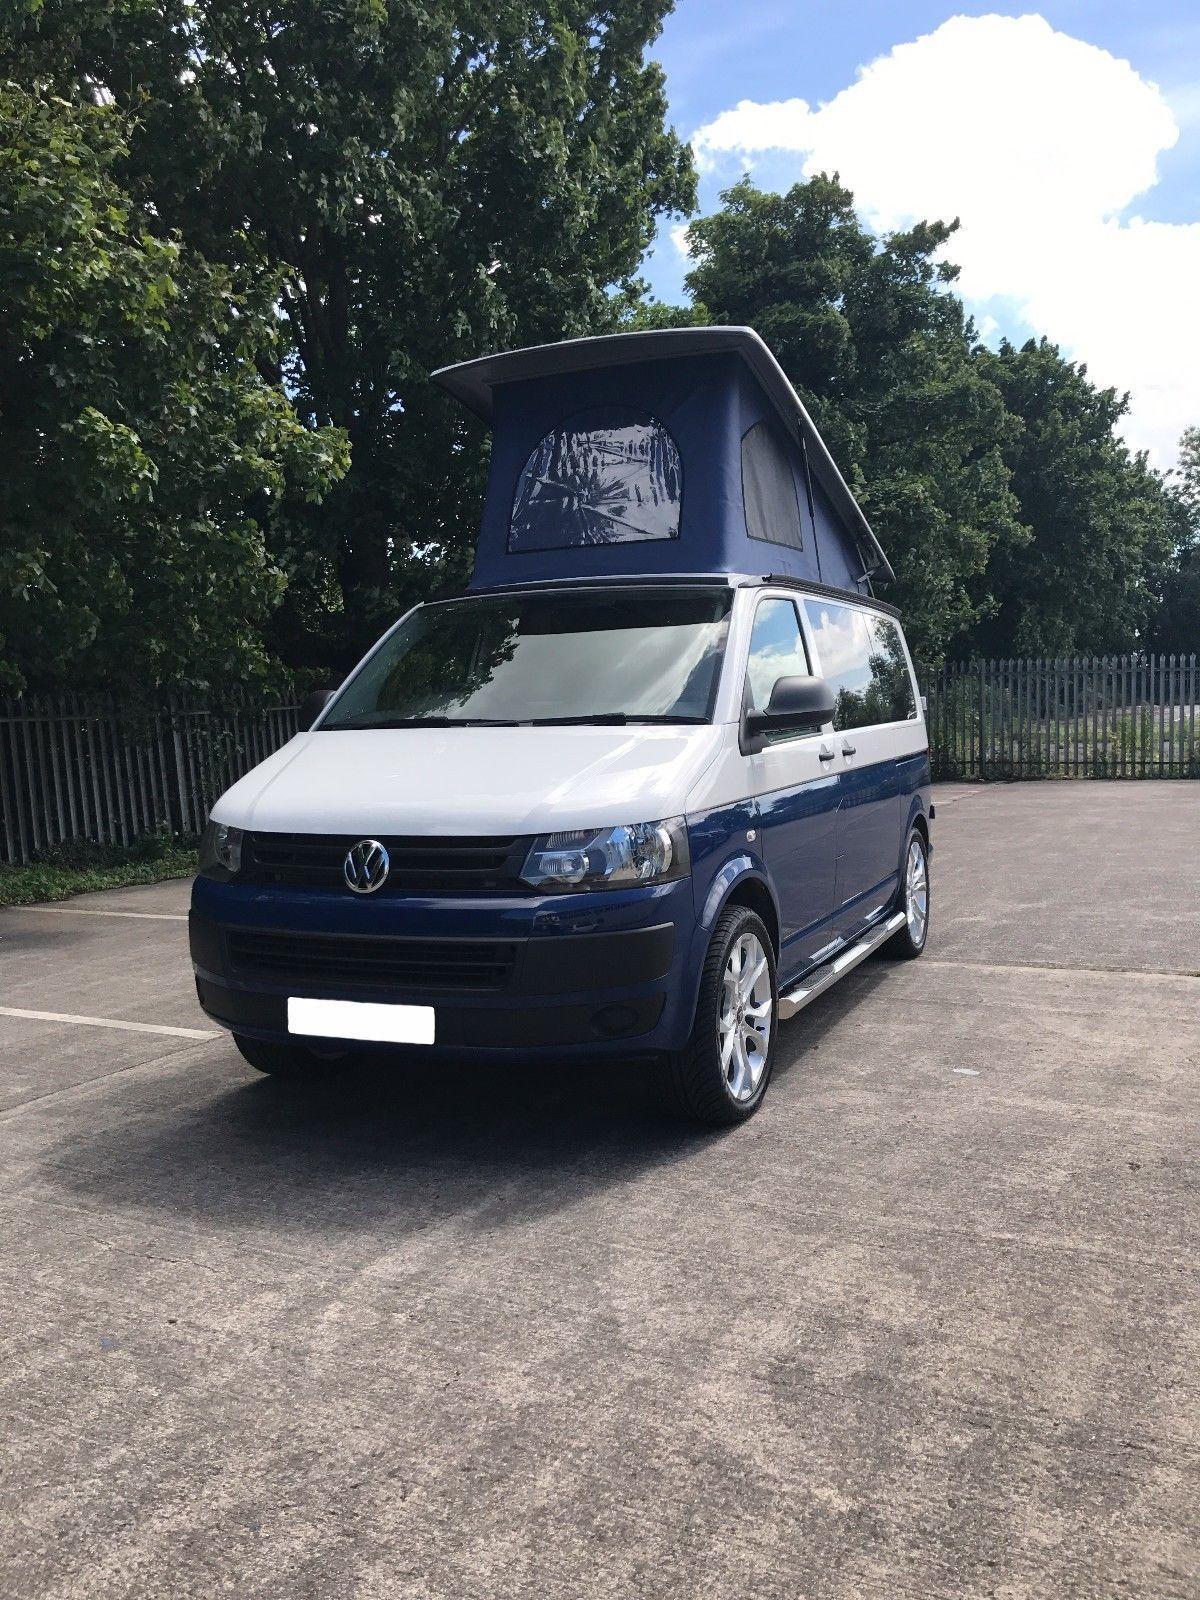 Ebay Vw T5 Royal Blue And White Two Tone Campervan Vwcamper Vwbus Vw Vw T5 Vw Transporter Camper Campervan